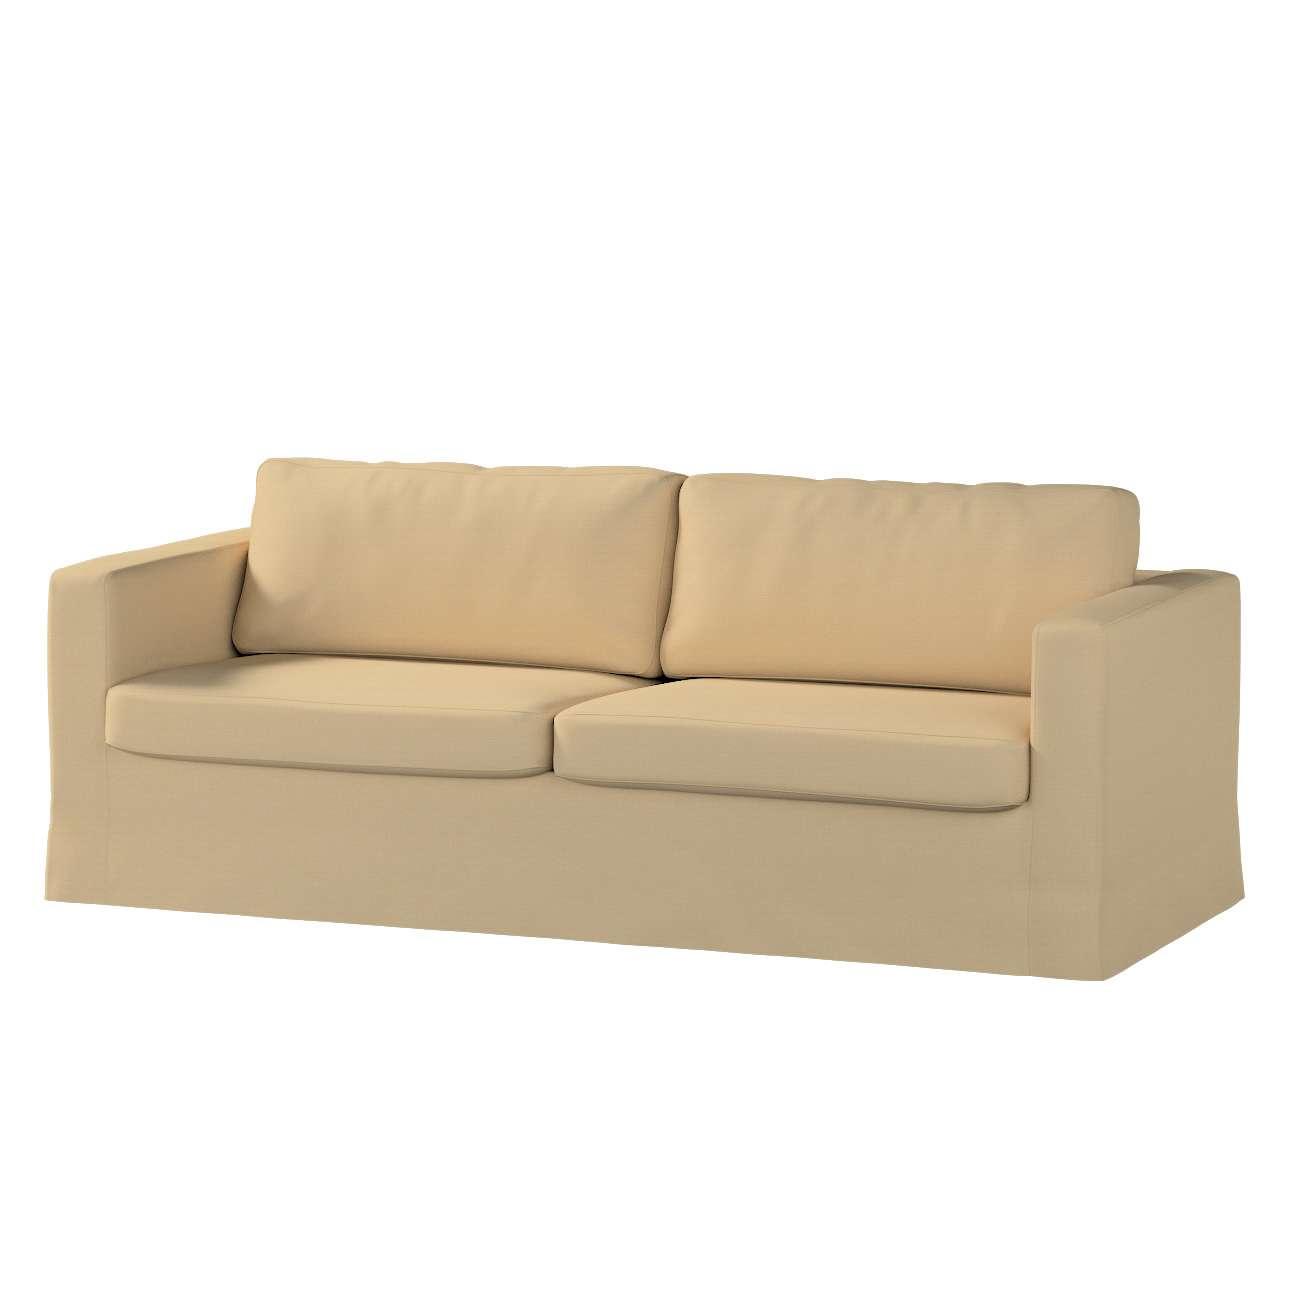 Potah na pohovku IKEA  Karlstad 3-místná, nerozkládací, dlouhý pohovka Karlstad 3-místná v kolekci Cotton Panama, látka: 702-01